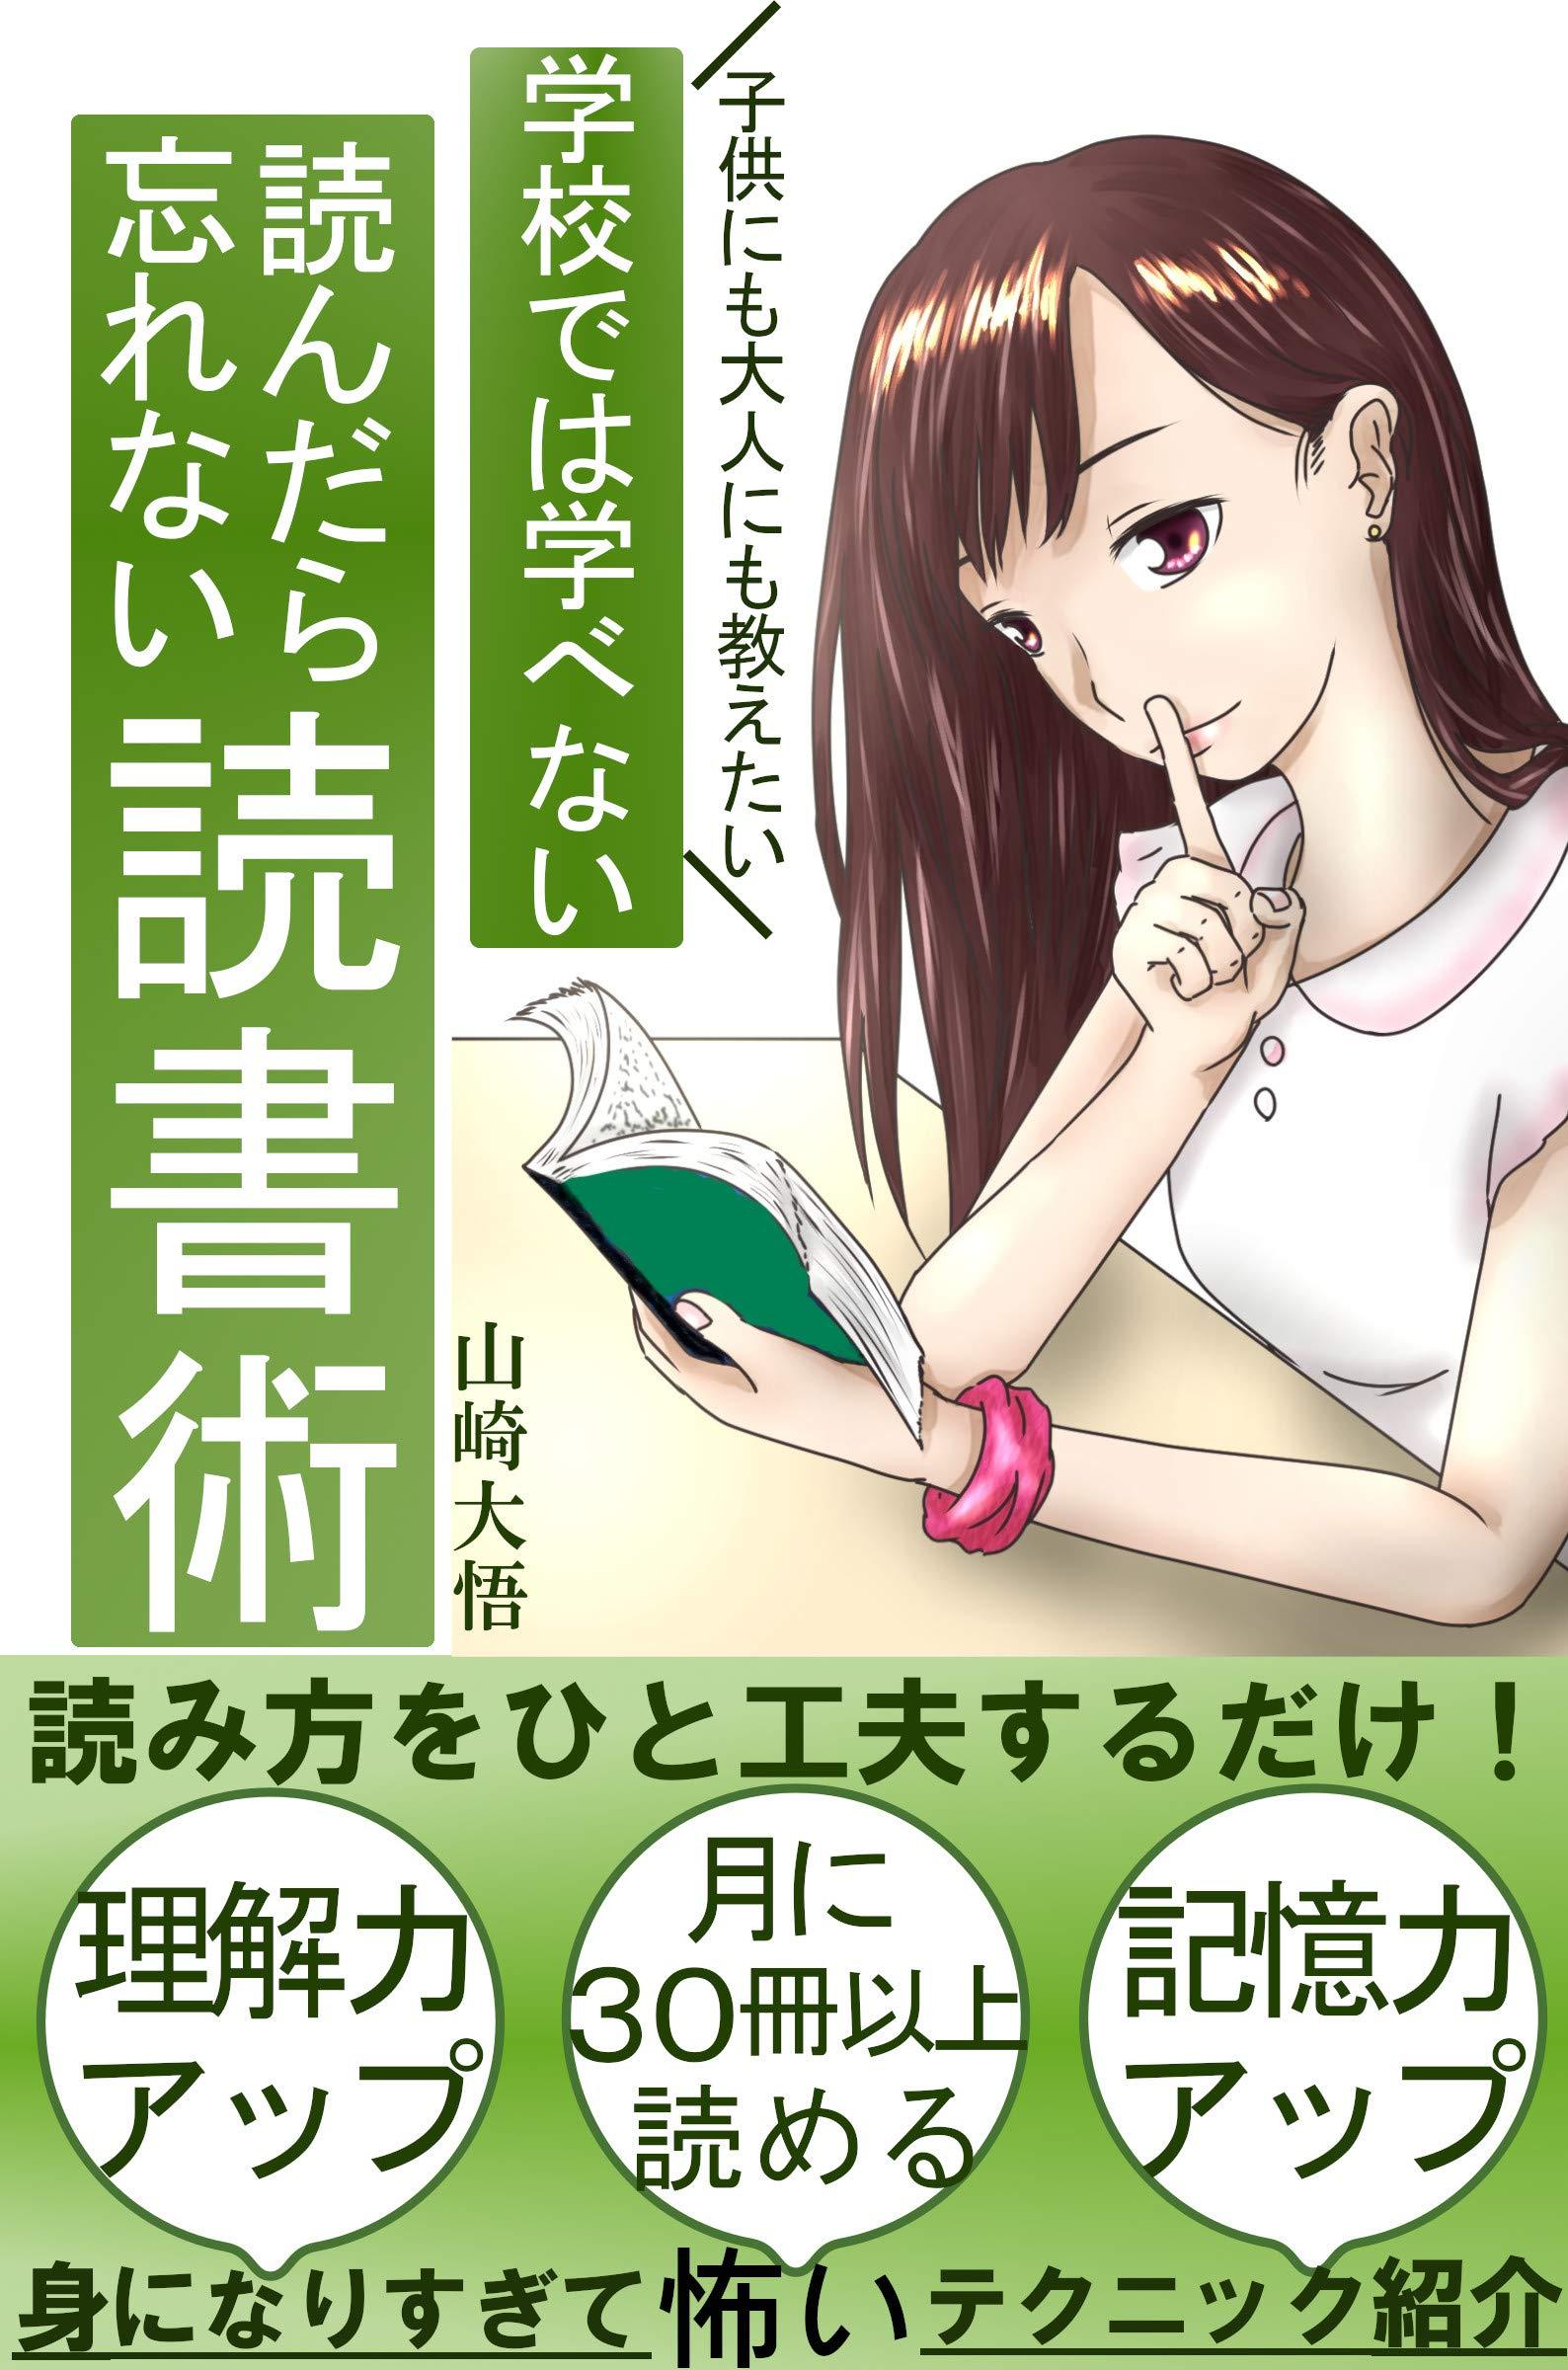 gakkoudehaosietekurenai yonndarawasurenai choudokushozyutu: kiokuryokuappu rikairyokuappu (Japanese Edition)